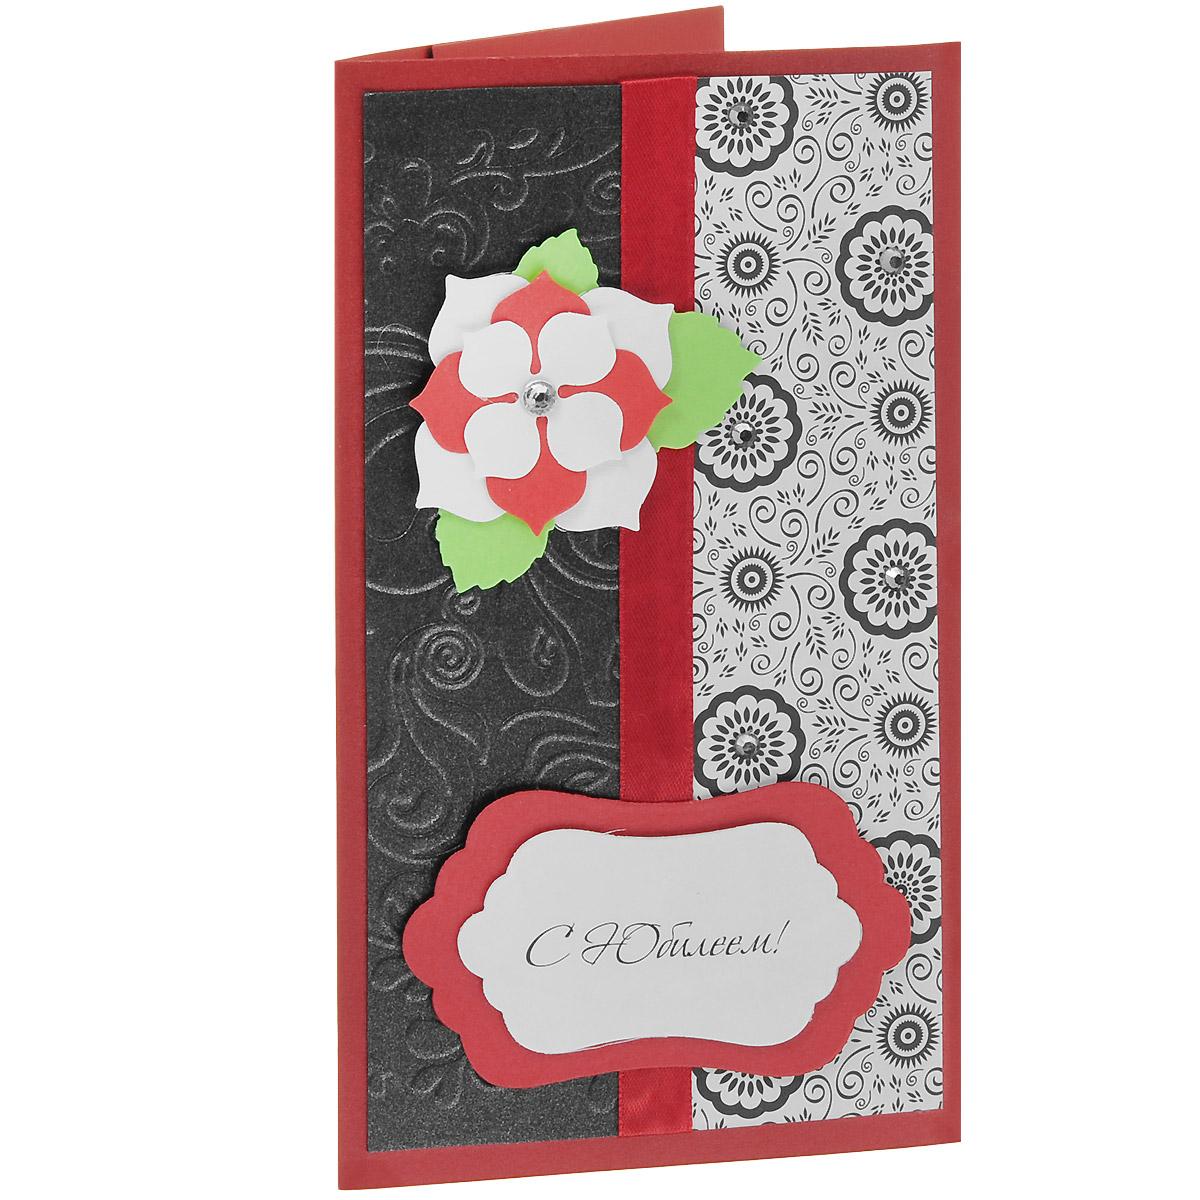 ОЮ-0002 Открытка-конверт «С Юбилеем!». Студия «Тётя Роза»117921Характеристики: Размер 19 см x 11 см.Материал: Высоко-художественный картон, бумага, декор. Данная открытка может стать как прекрасным дополнением к вашему подарку, так и самостоятельным подарком. Так как открытка является и конвертом, в который вы можете вложить ваш денежный подарок или просто написать ваши пожелания на вкладыше. Благородное и богатое поздравление к юбилейному событию сочетает в себе разно-фактурные материалы контрастных красно-белых и черных цветов. Сверкающие мелкие стразы эффектно дополняют роскошный стиль этого конверта. Также открытка упакована в пакетик для сохранности.Обращаем Ваше внимание на то, что открытка может незначительно отличаться от представленной на фото.Открытки ручной работы от студии Тётя Роза отличаются своим неповторимым и ярким стилем. Каждая уникальна и выполнена вручную мастерами студии. (Открытка для мужчин, открытка для женщины, открытка на день рождения, открытка с днем свадьбы, открытка винтаж, открытка с юбилеем, открытка на все случаи, скрапбукинг)